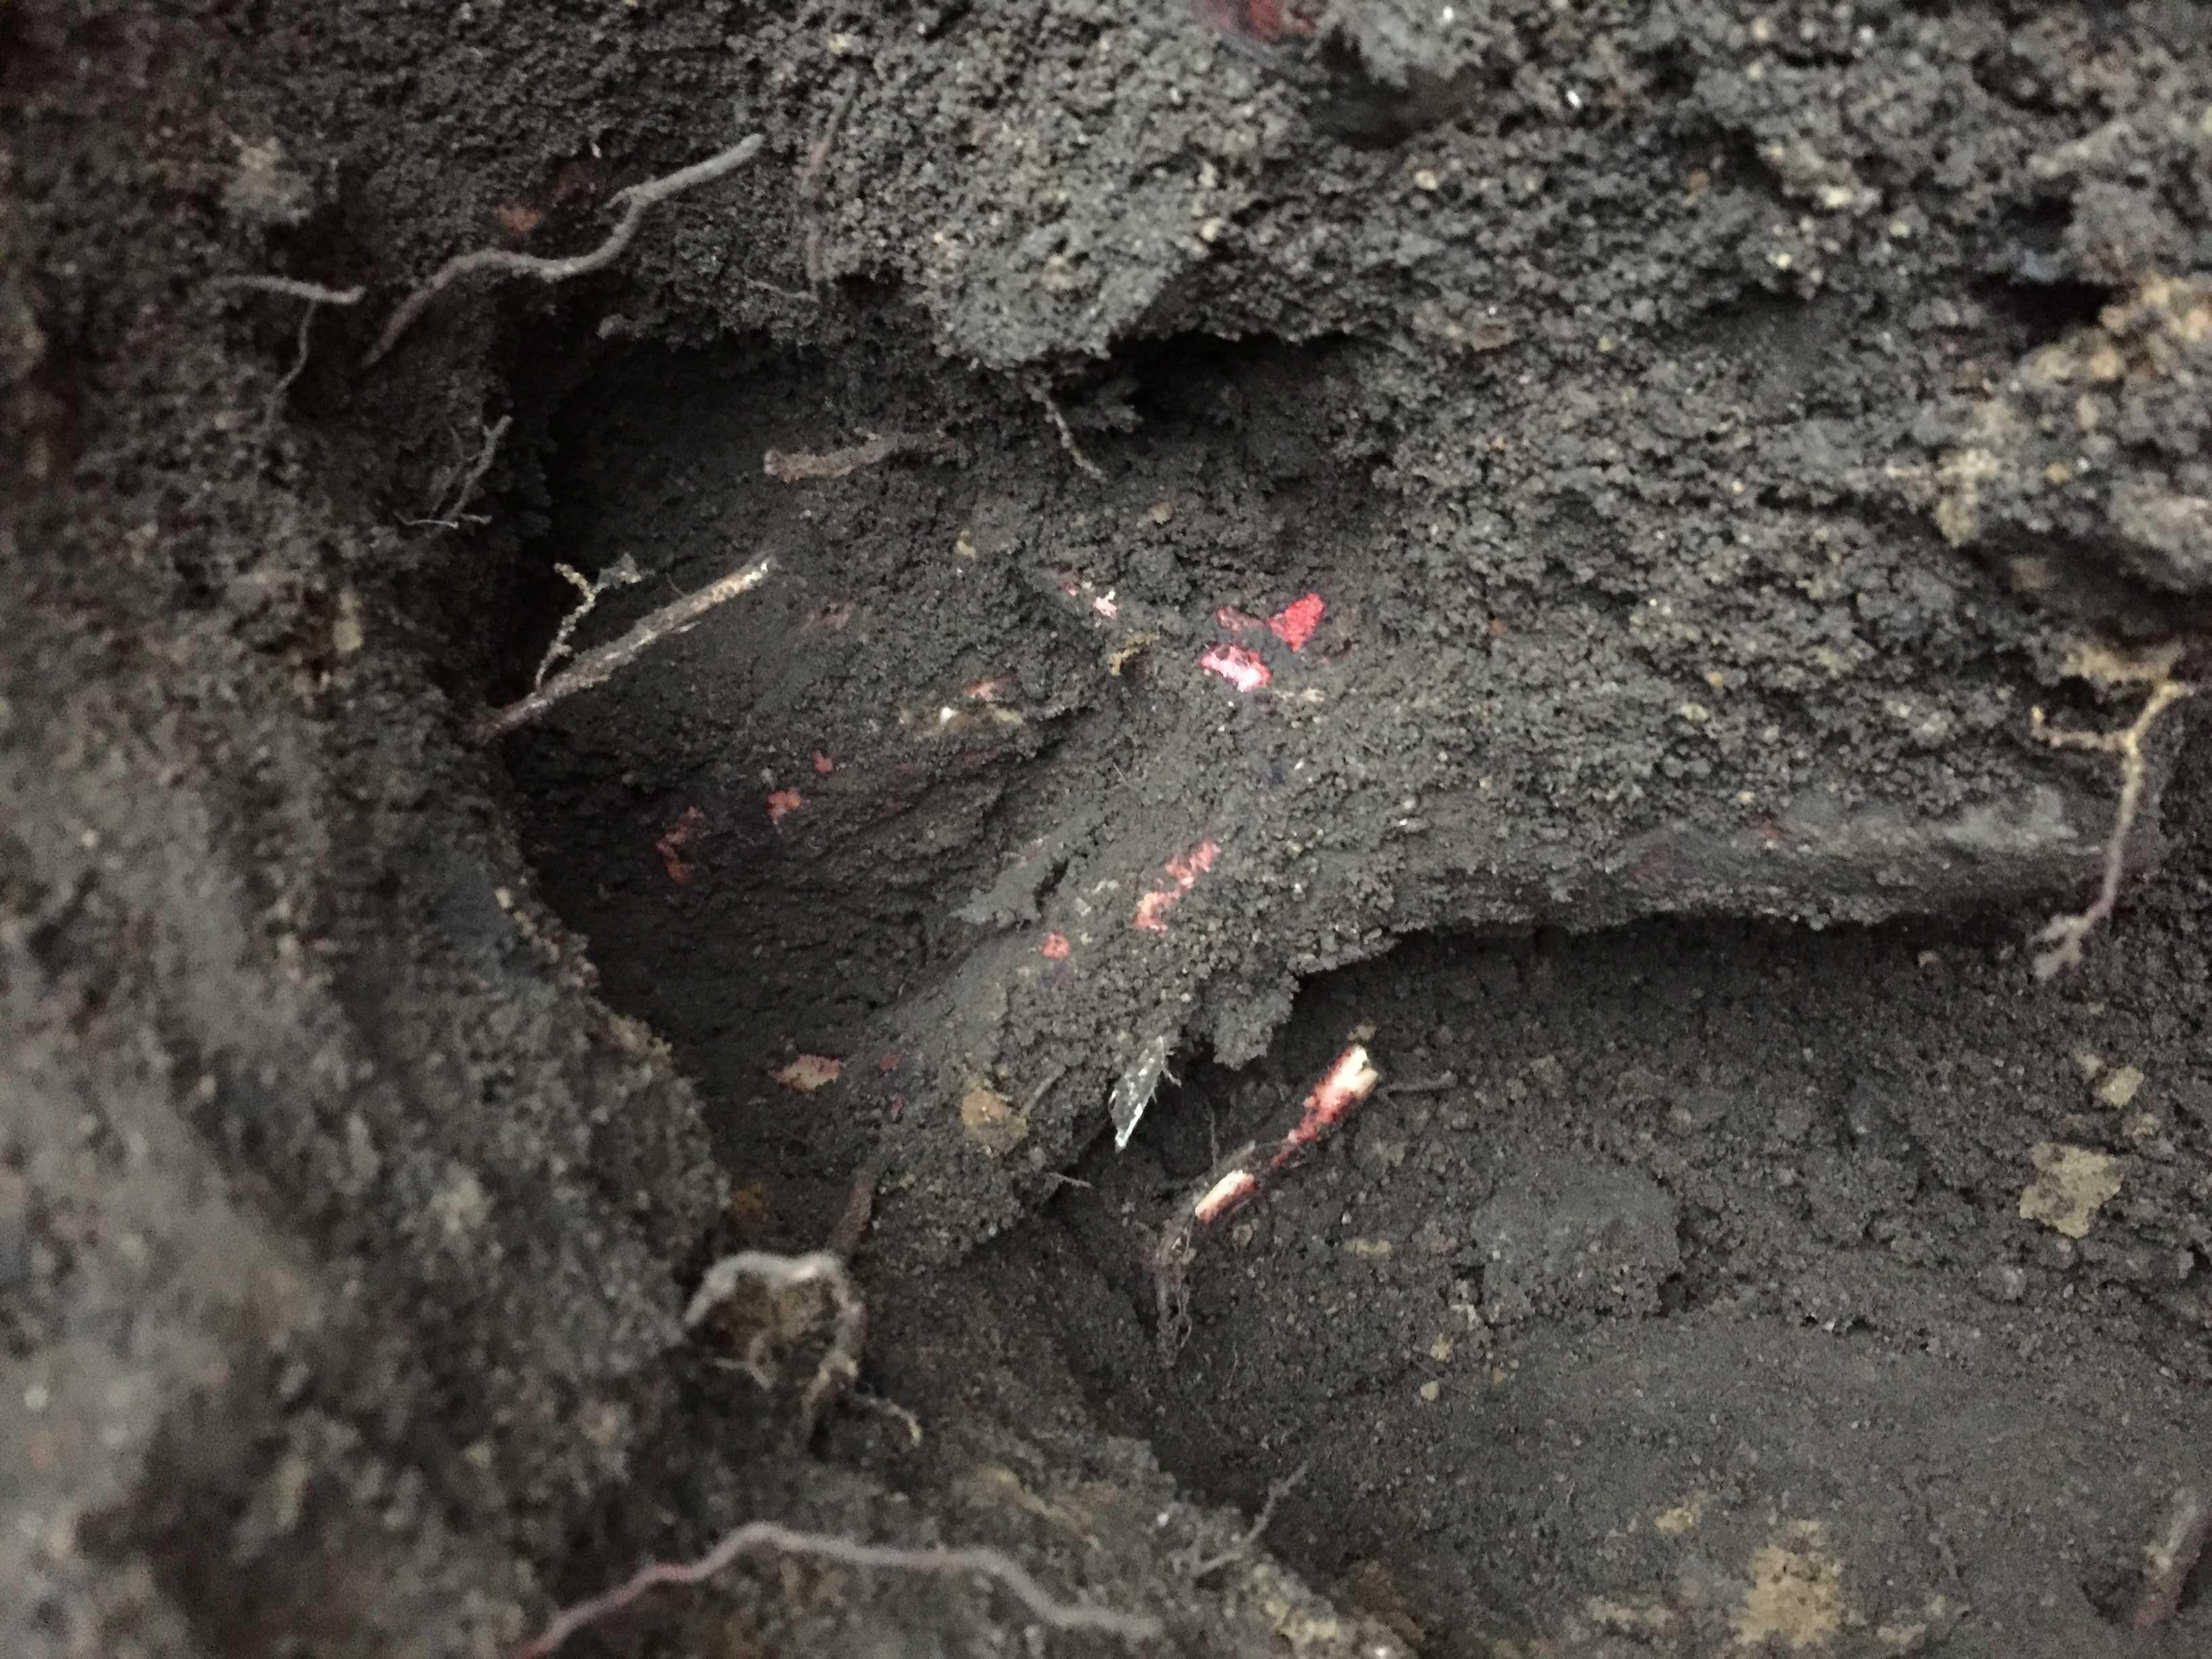 椿(ツバキ)の根っこ